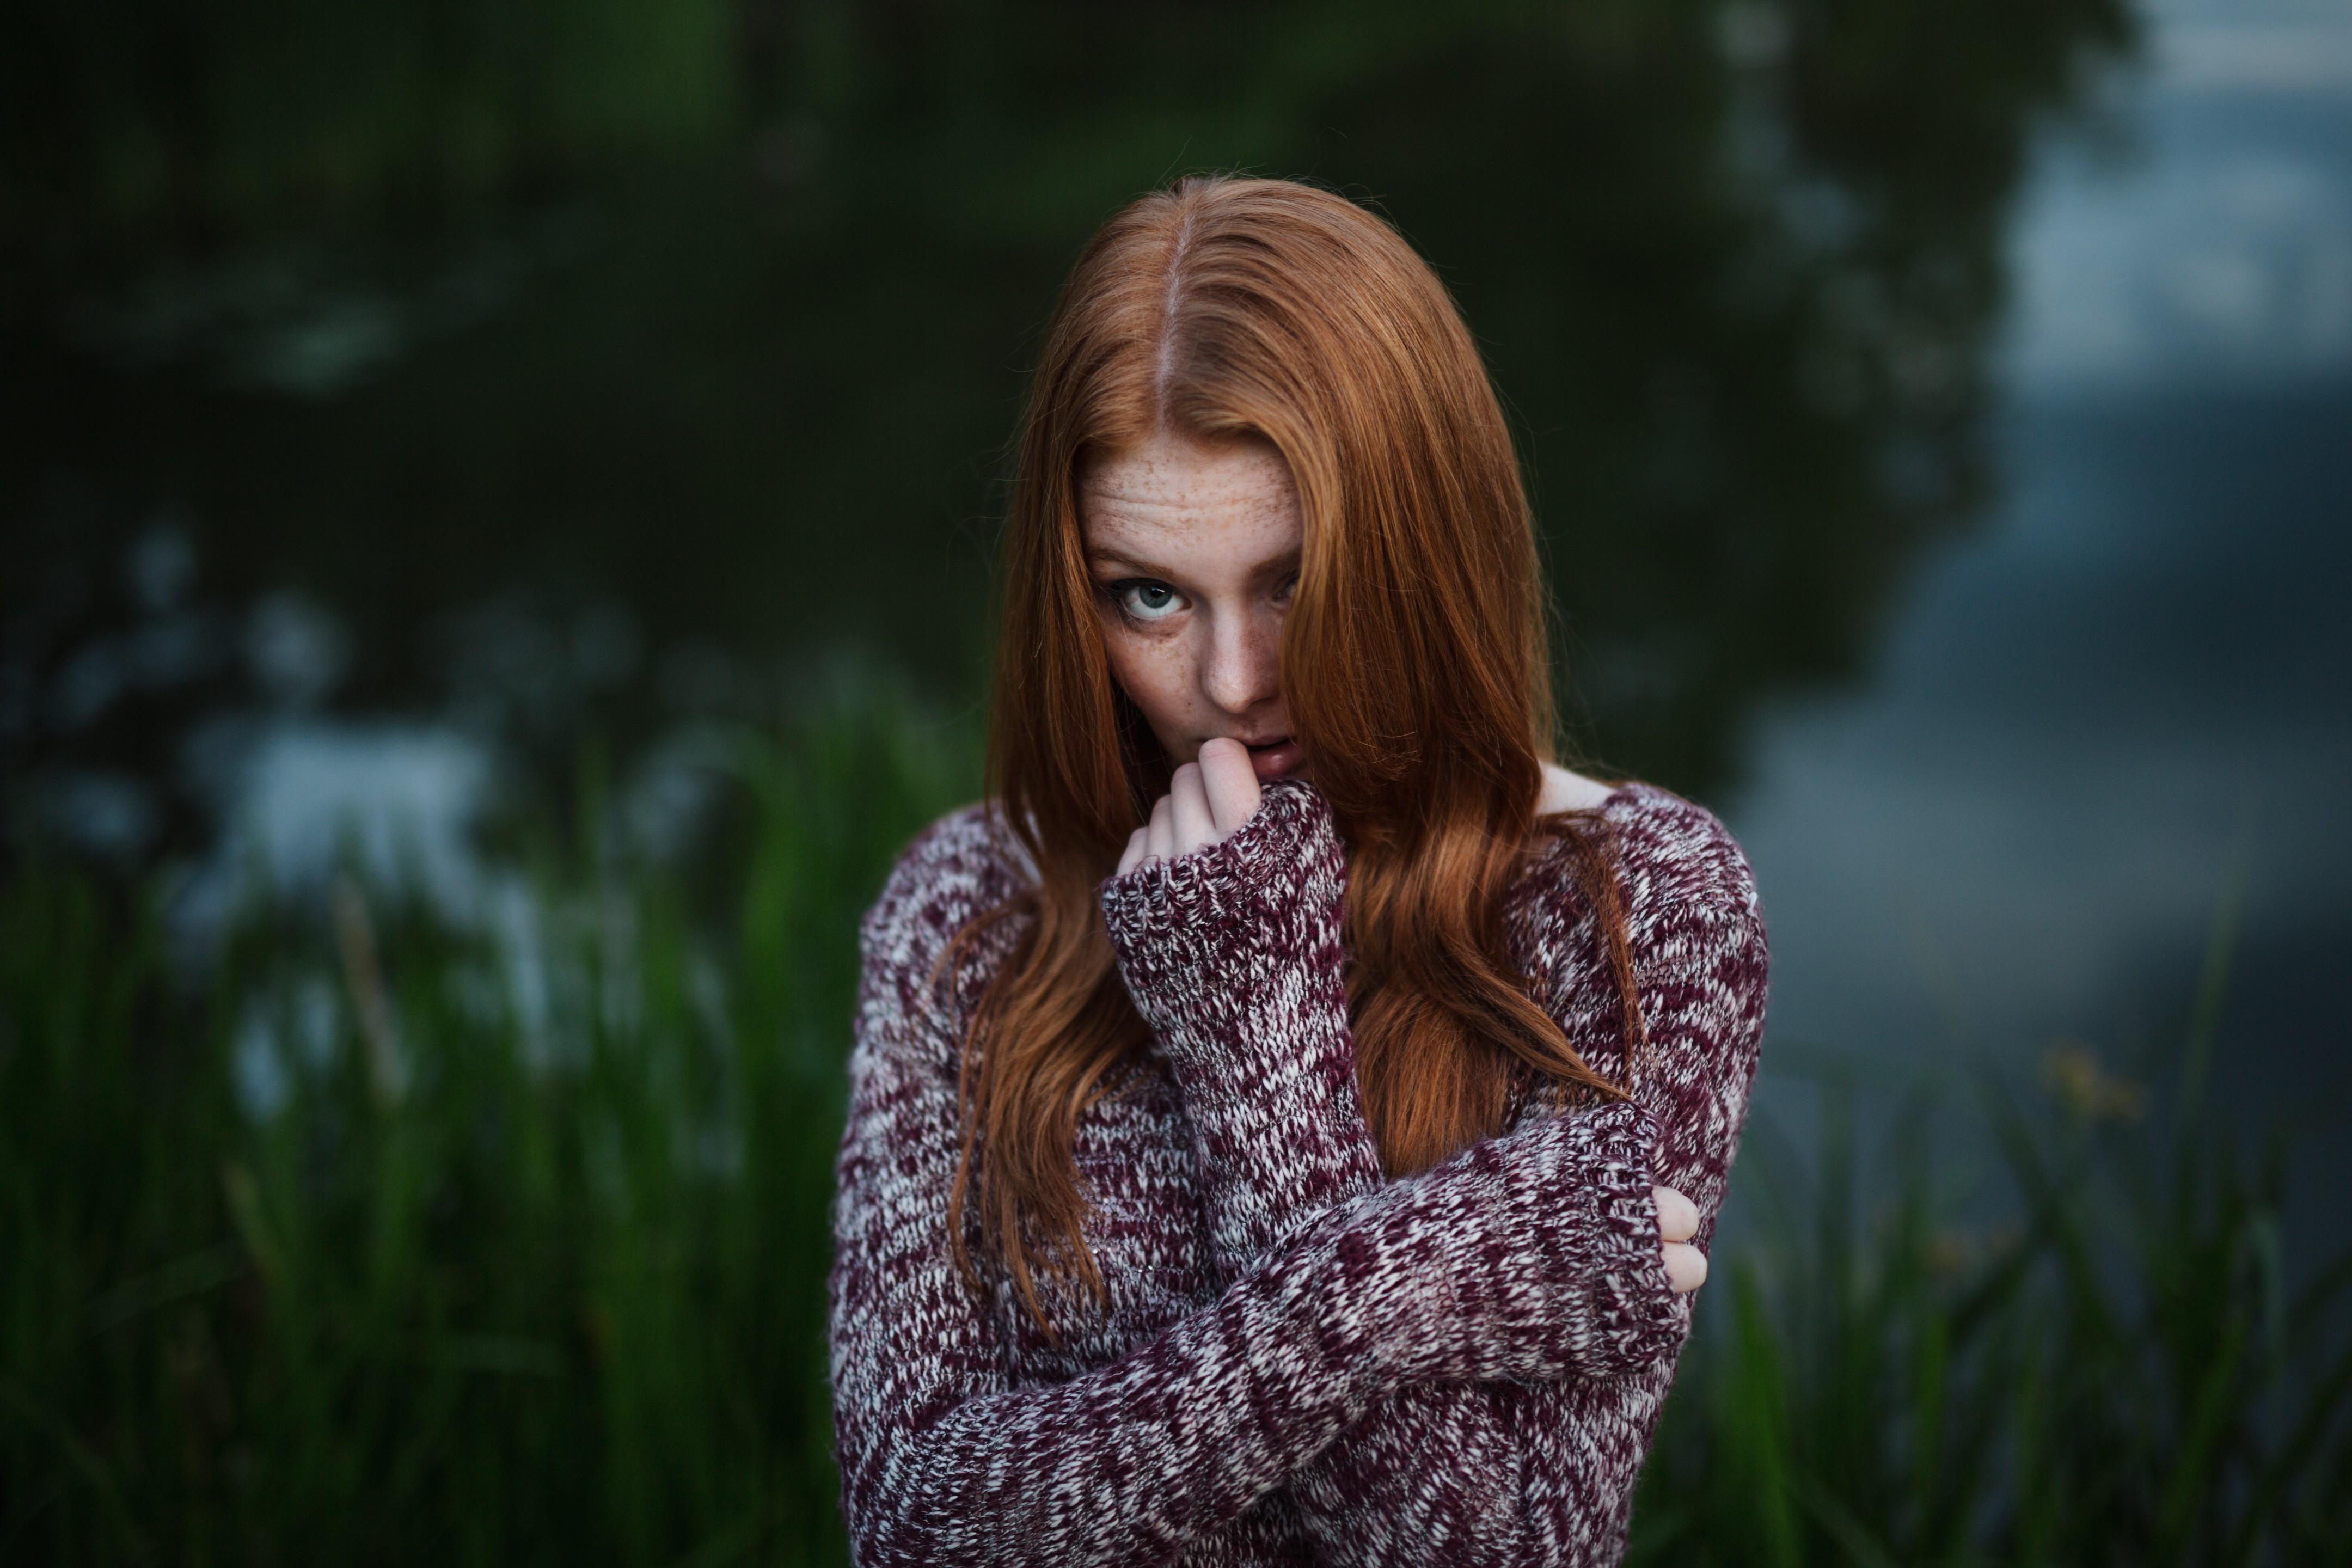 redhead-girlfriend-mood-hot-blond-naked-cheerleaders